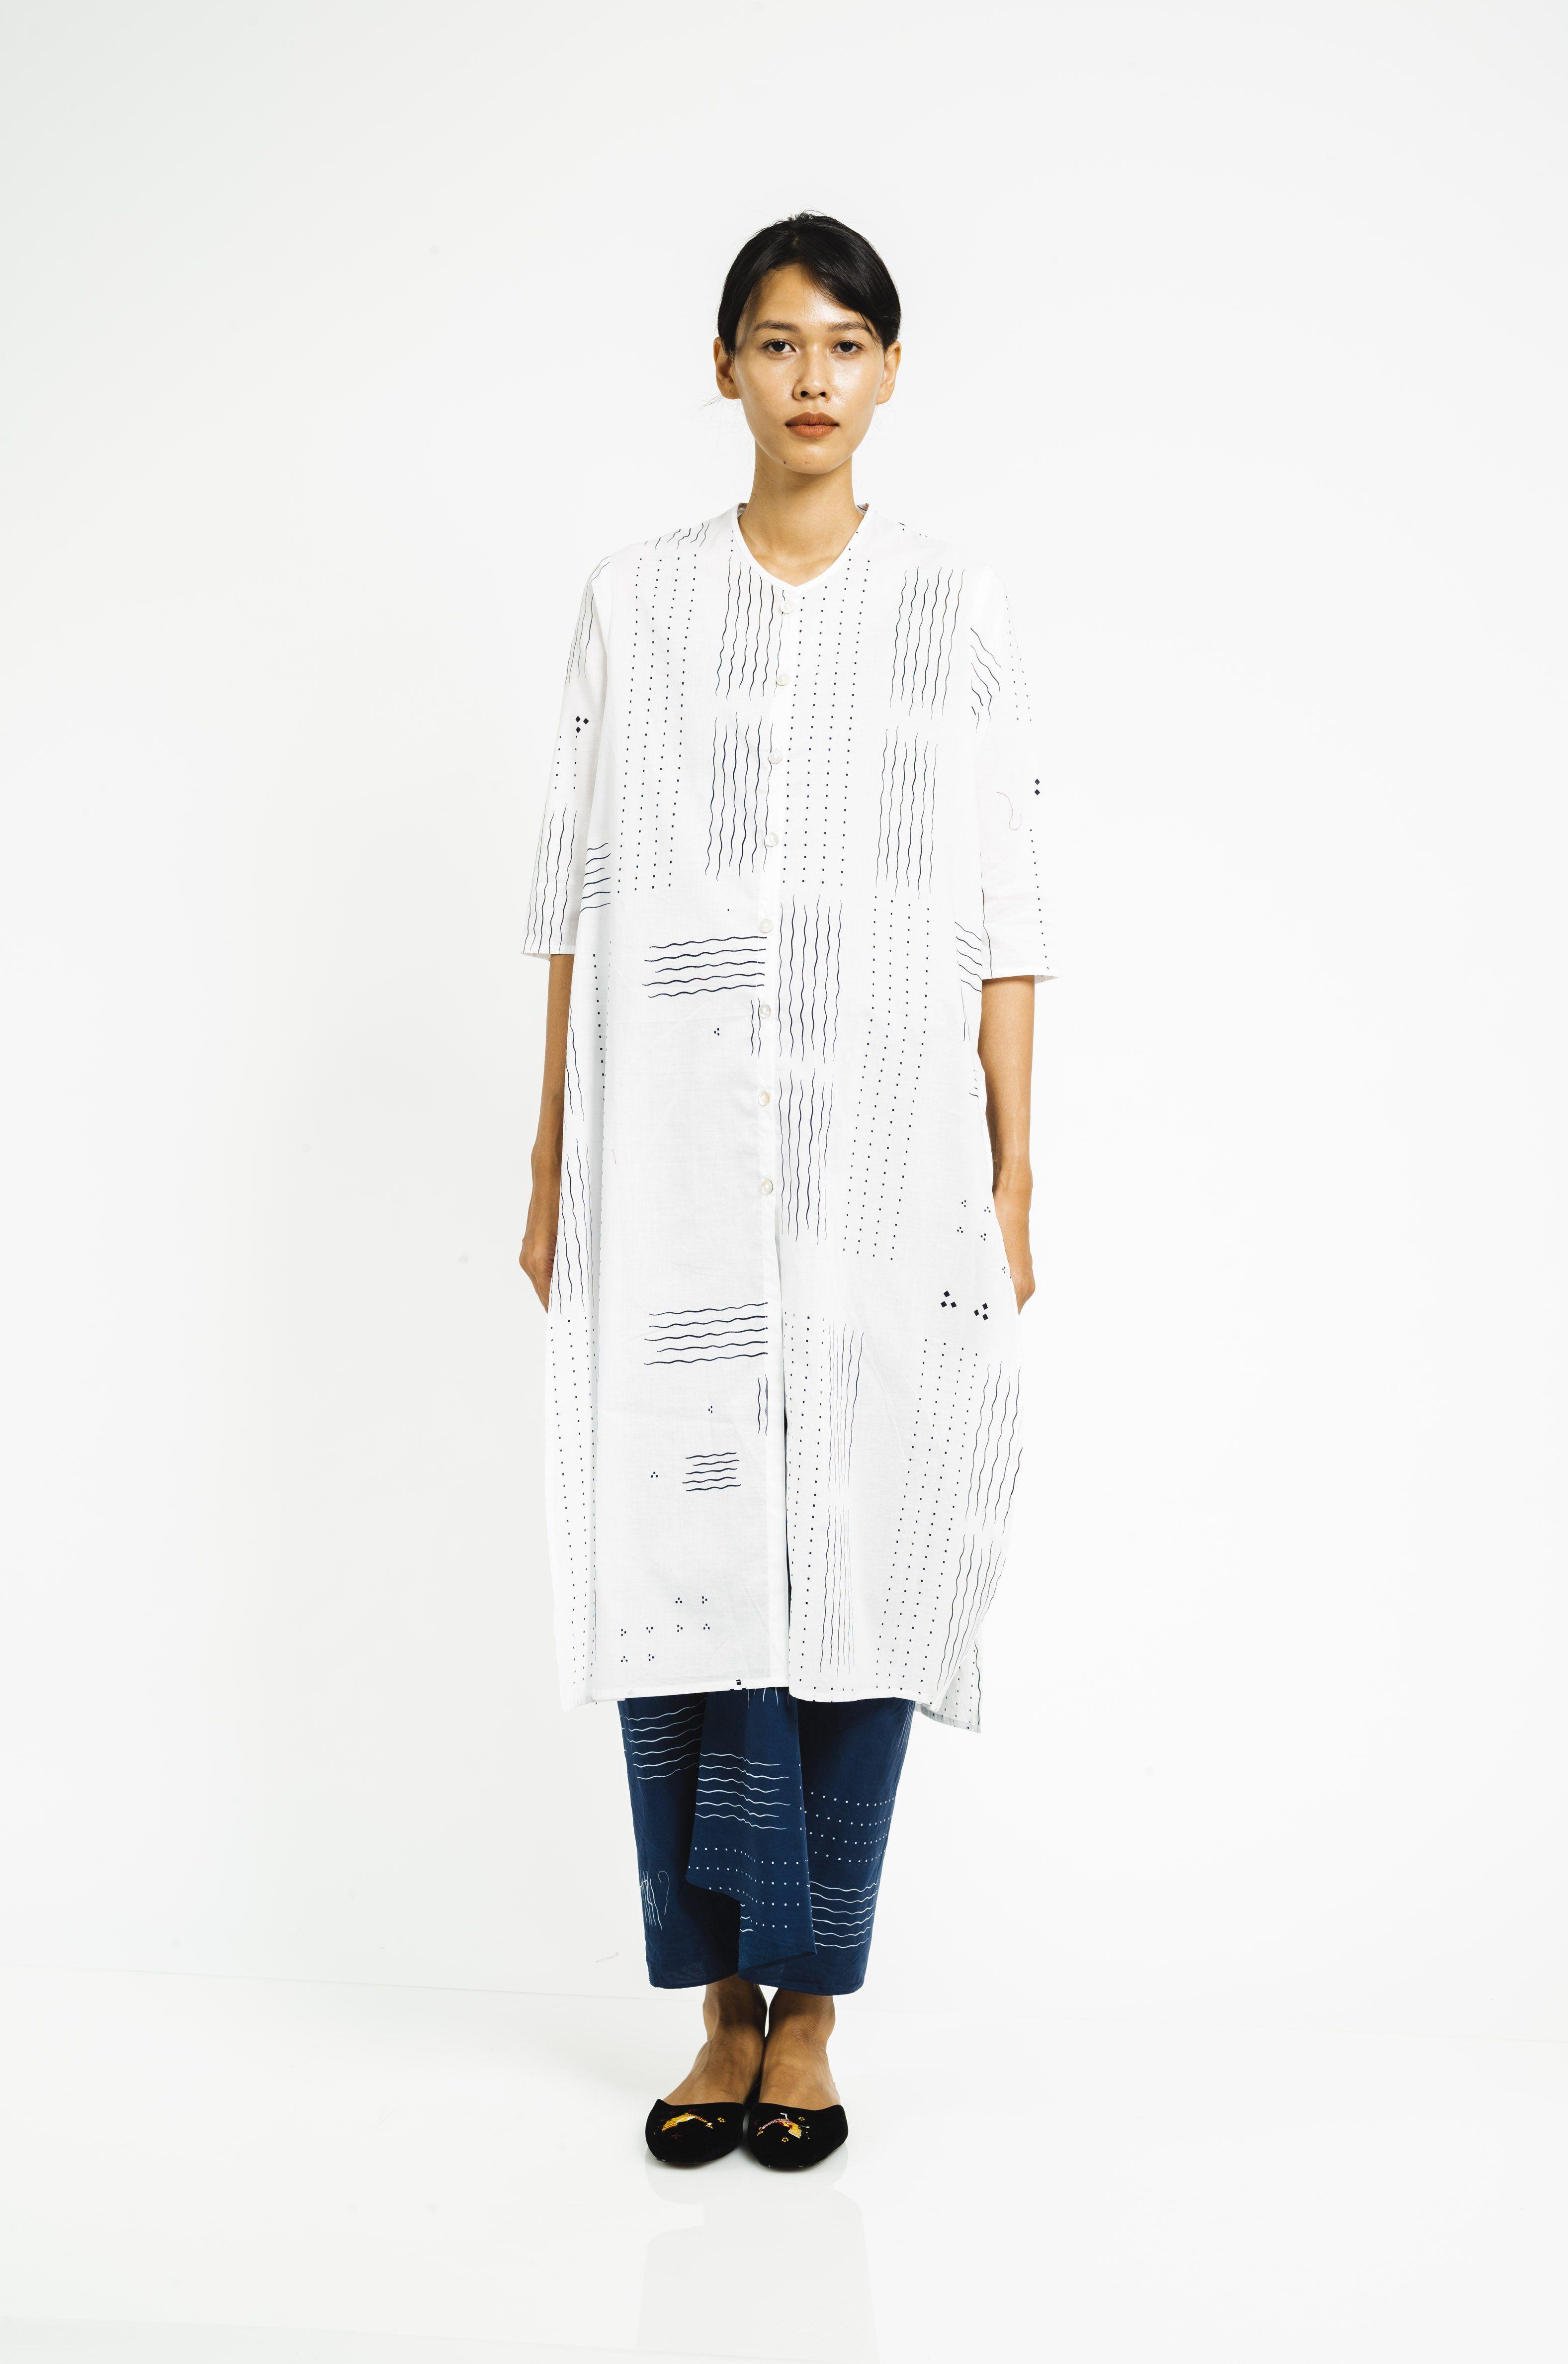 Baju Panjang Ombak Laut Putih In 2020 Women Wear Shape Form Kebaya